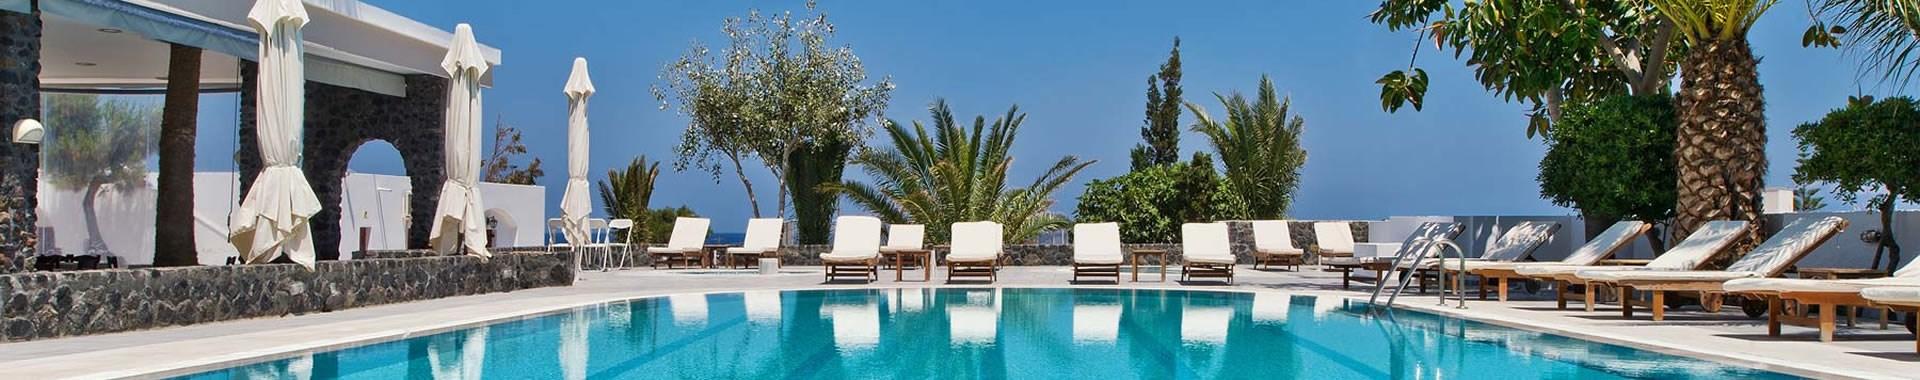 Santorini All Inclusive Hotels